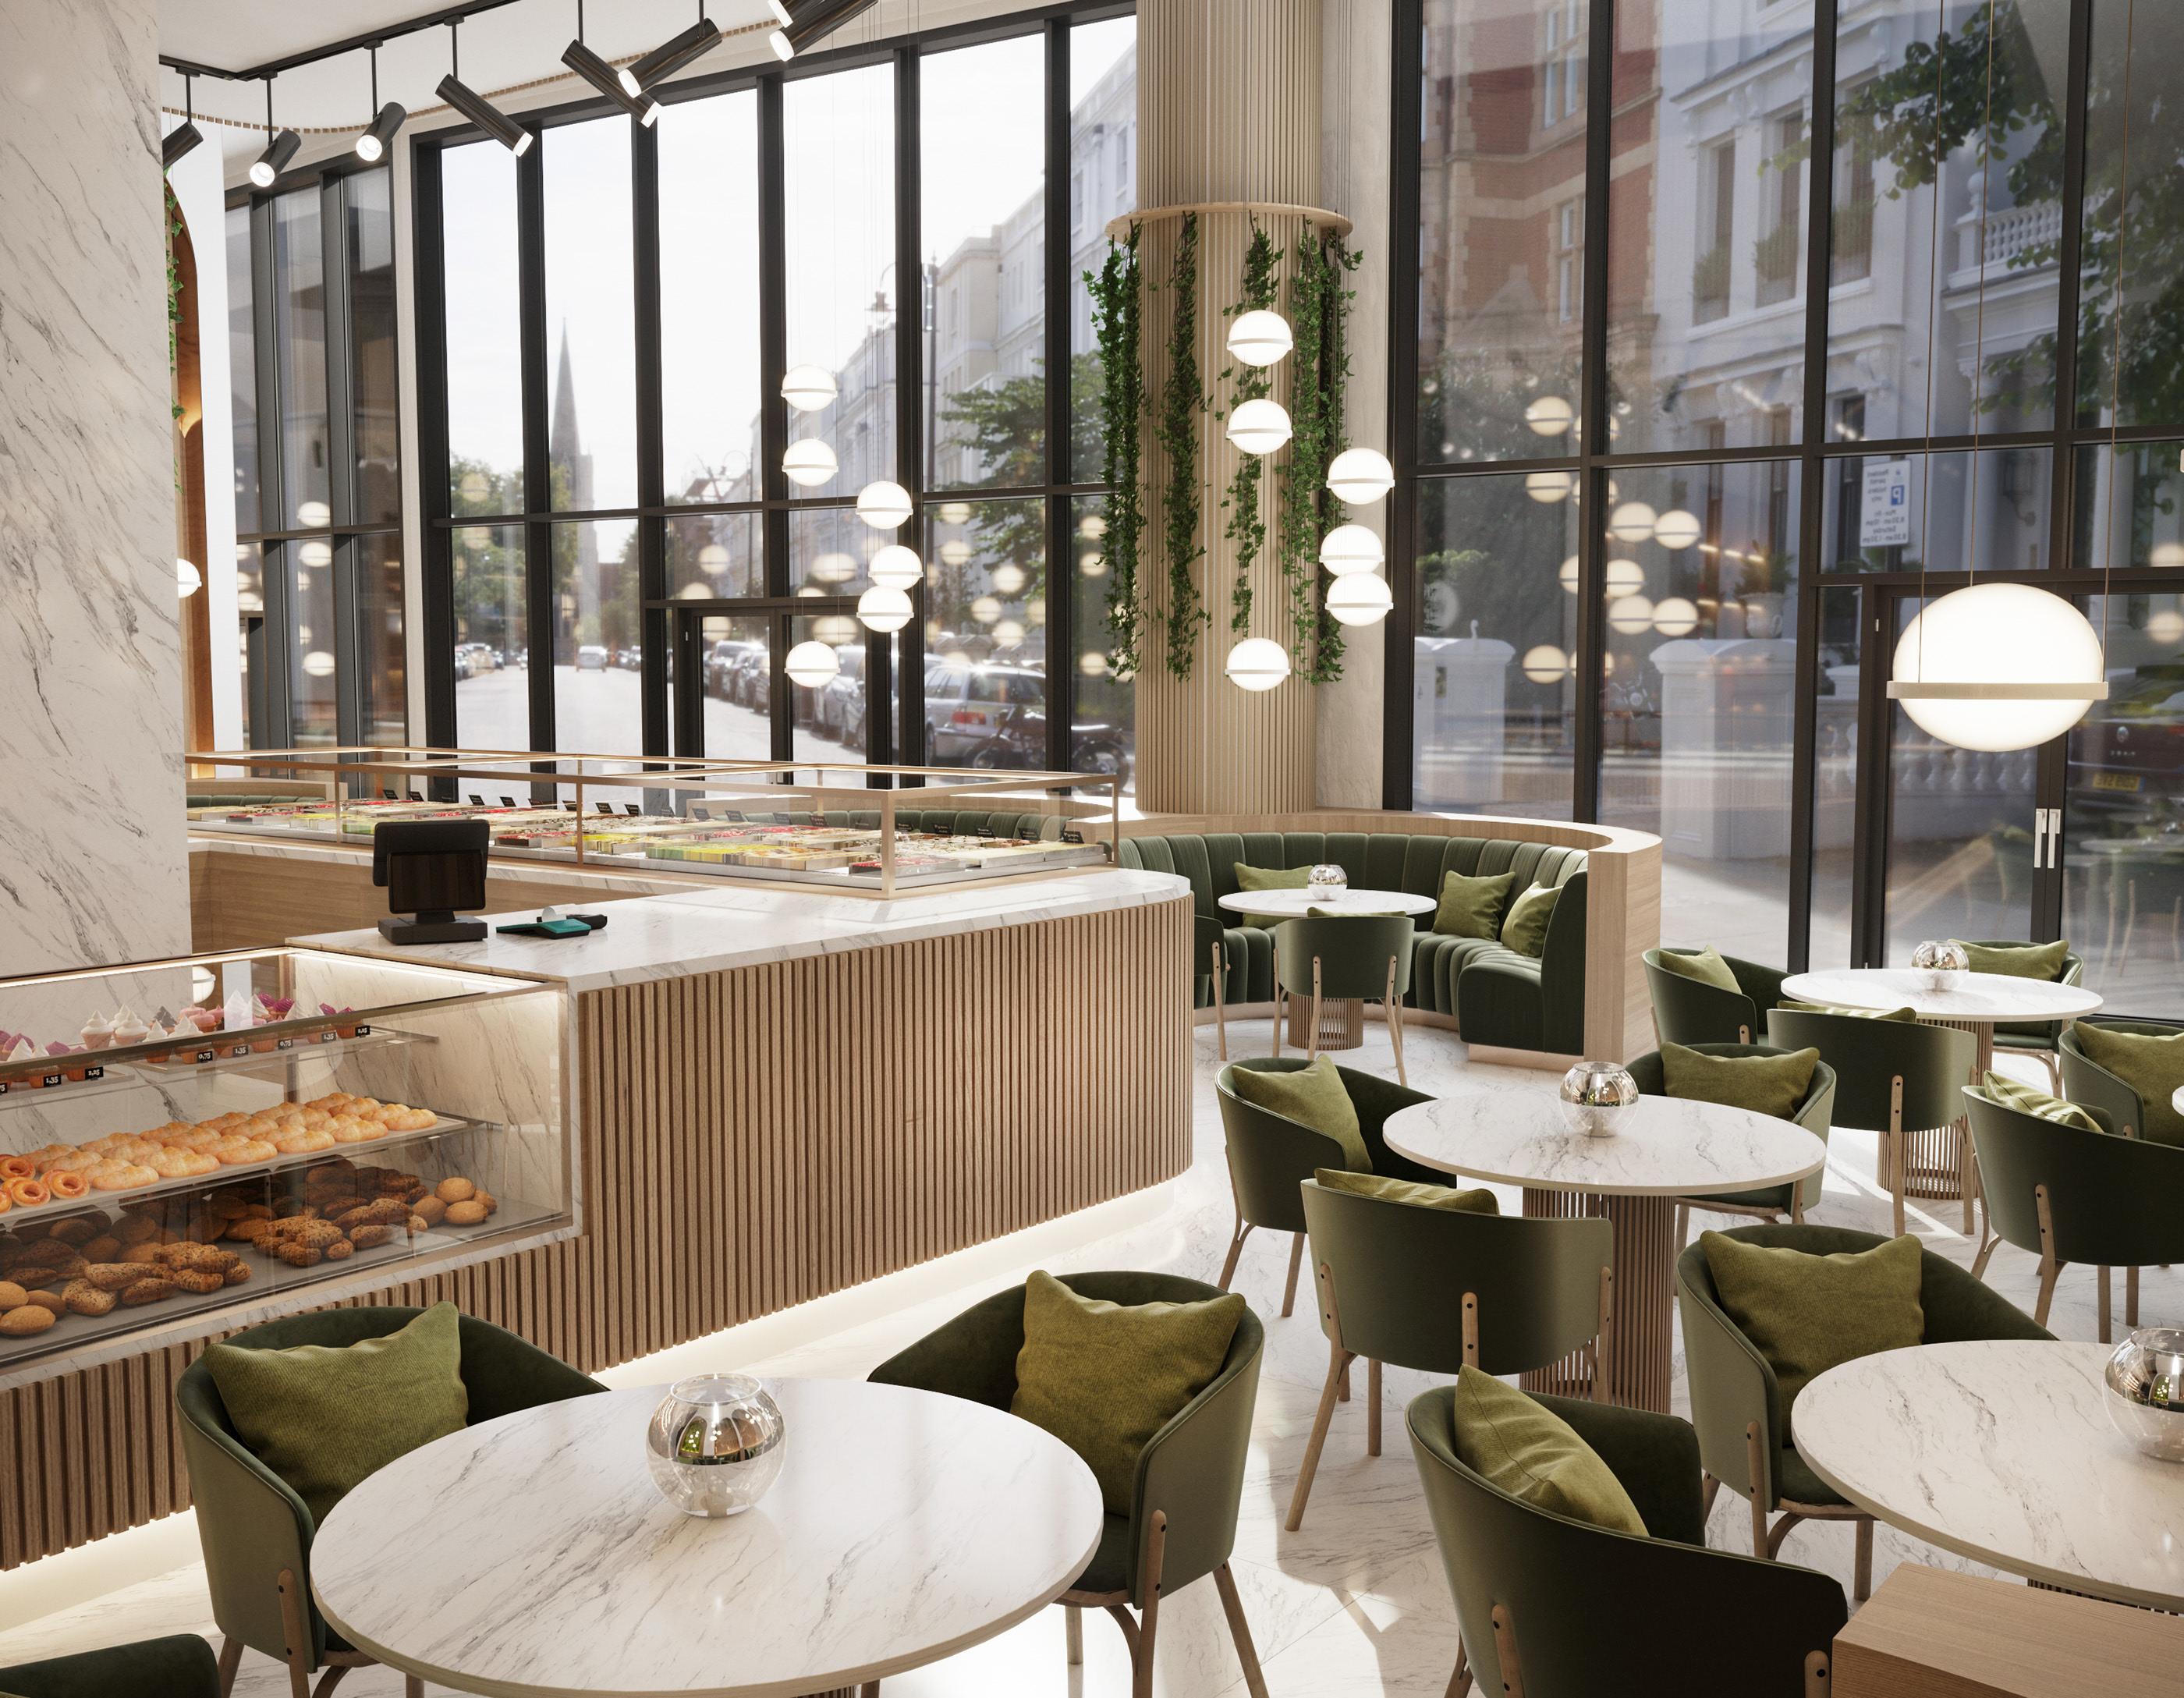 business plan turkish cafe